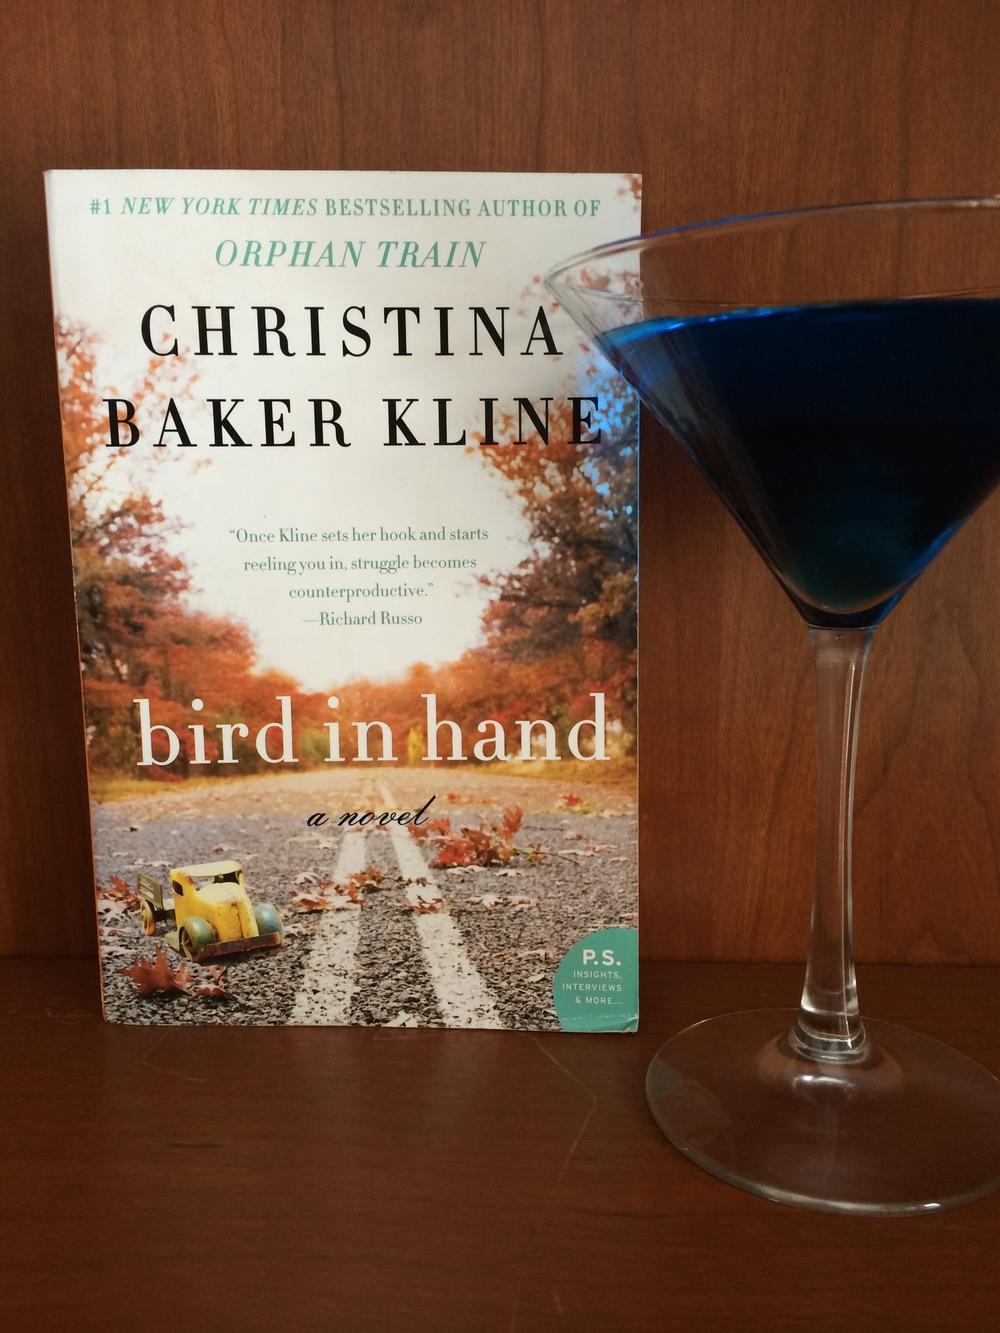 BirdinHand.LorraineSchuchart.com